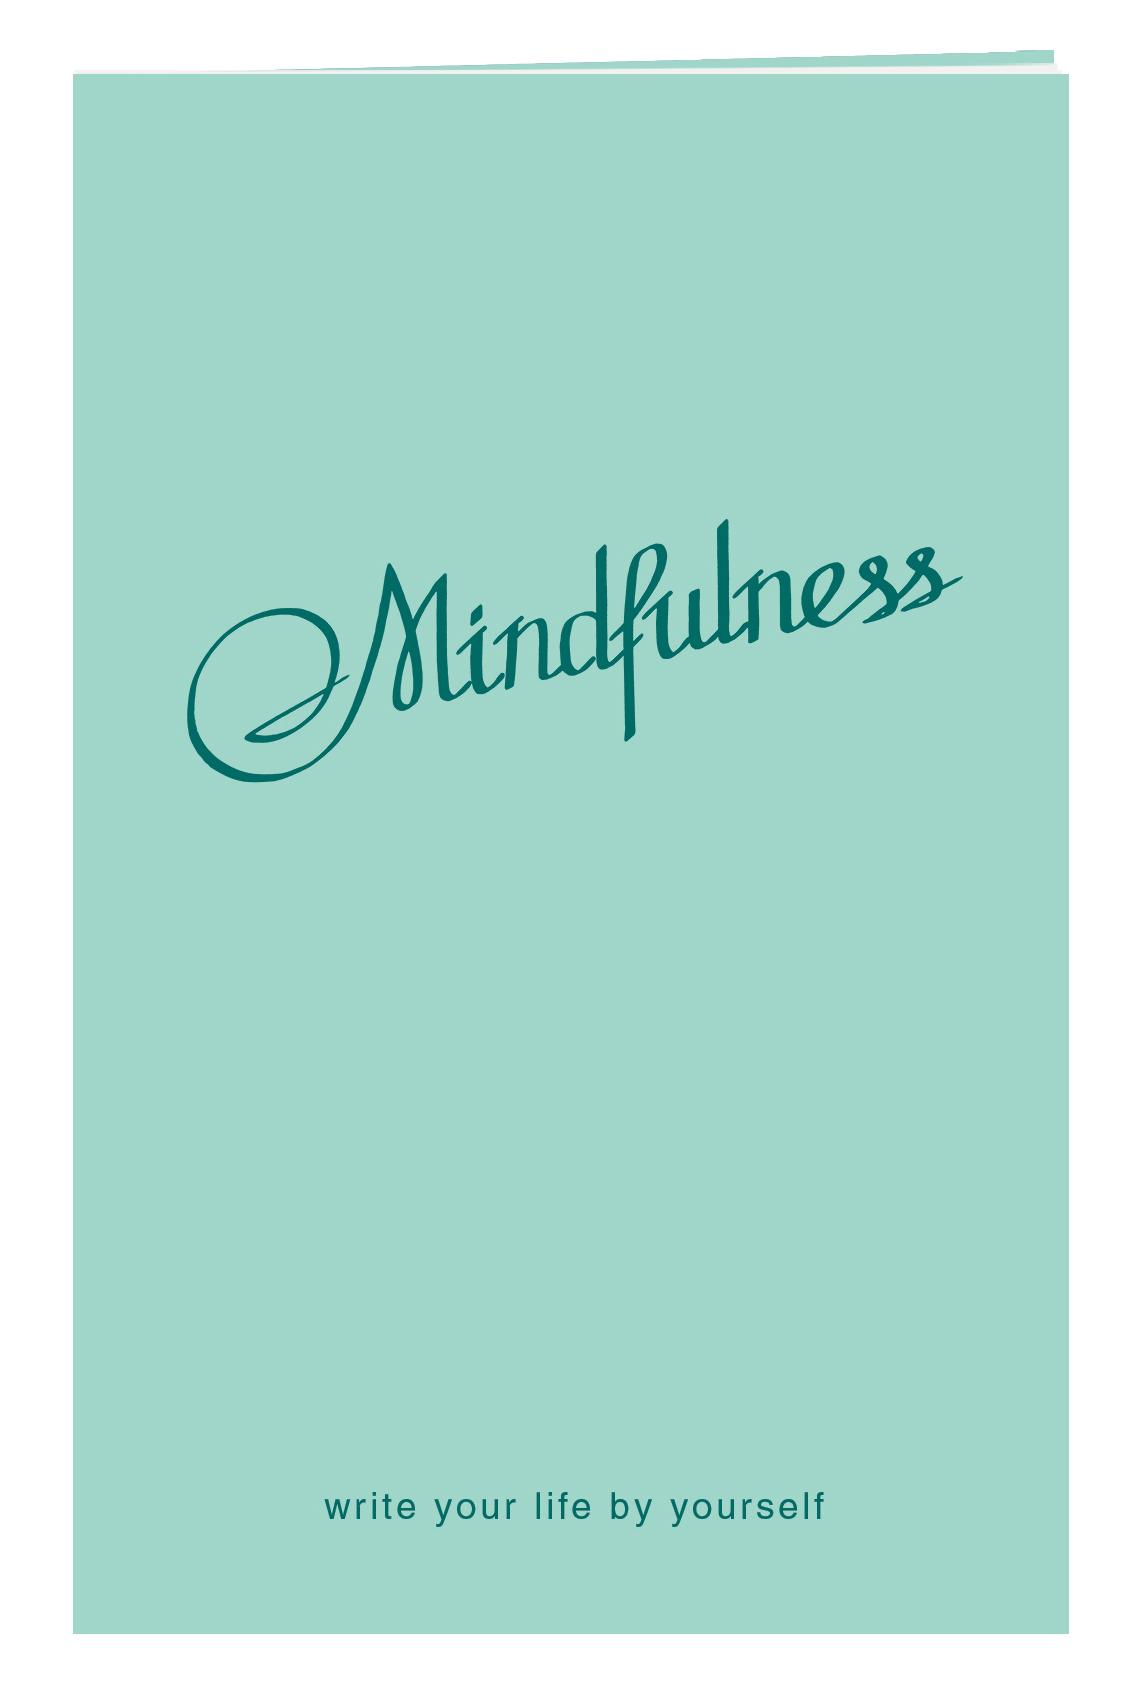 Блокнот в пластиковой обложке. Mindfulness (мята) (формат малый, 64 страницы) (Арте) блокнот в пластиковой обложке моне терраса в сент адресс формат а5 160 стр арте